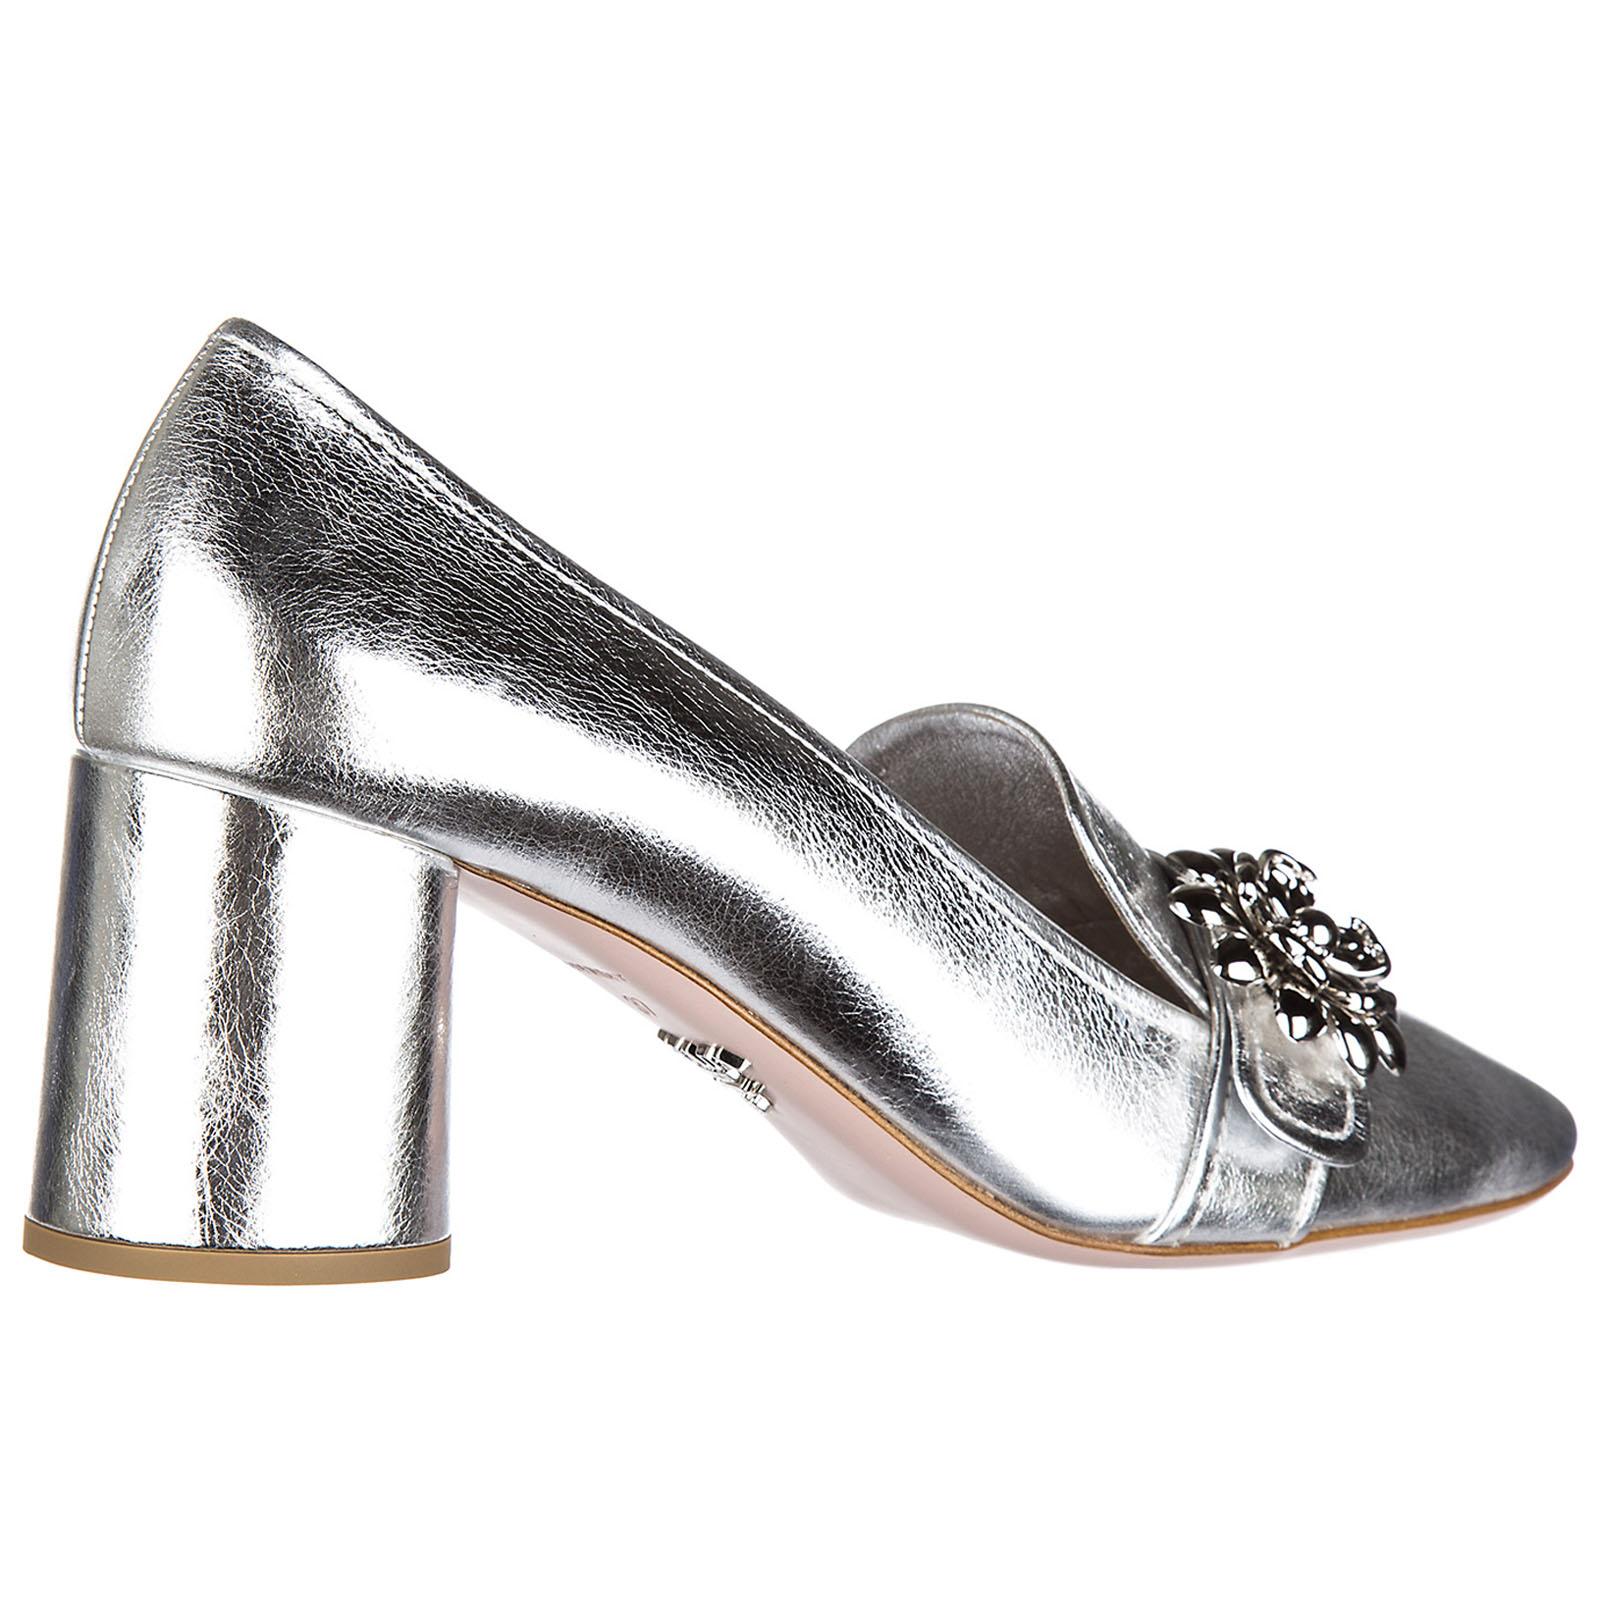 Decolletes decoltè scarpe donna con tacco pelle shine